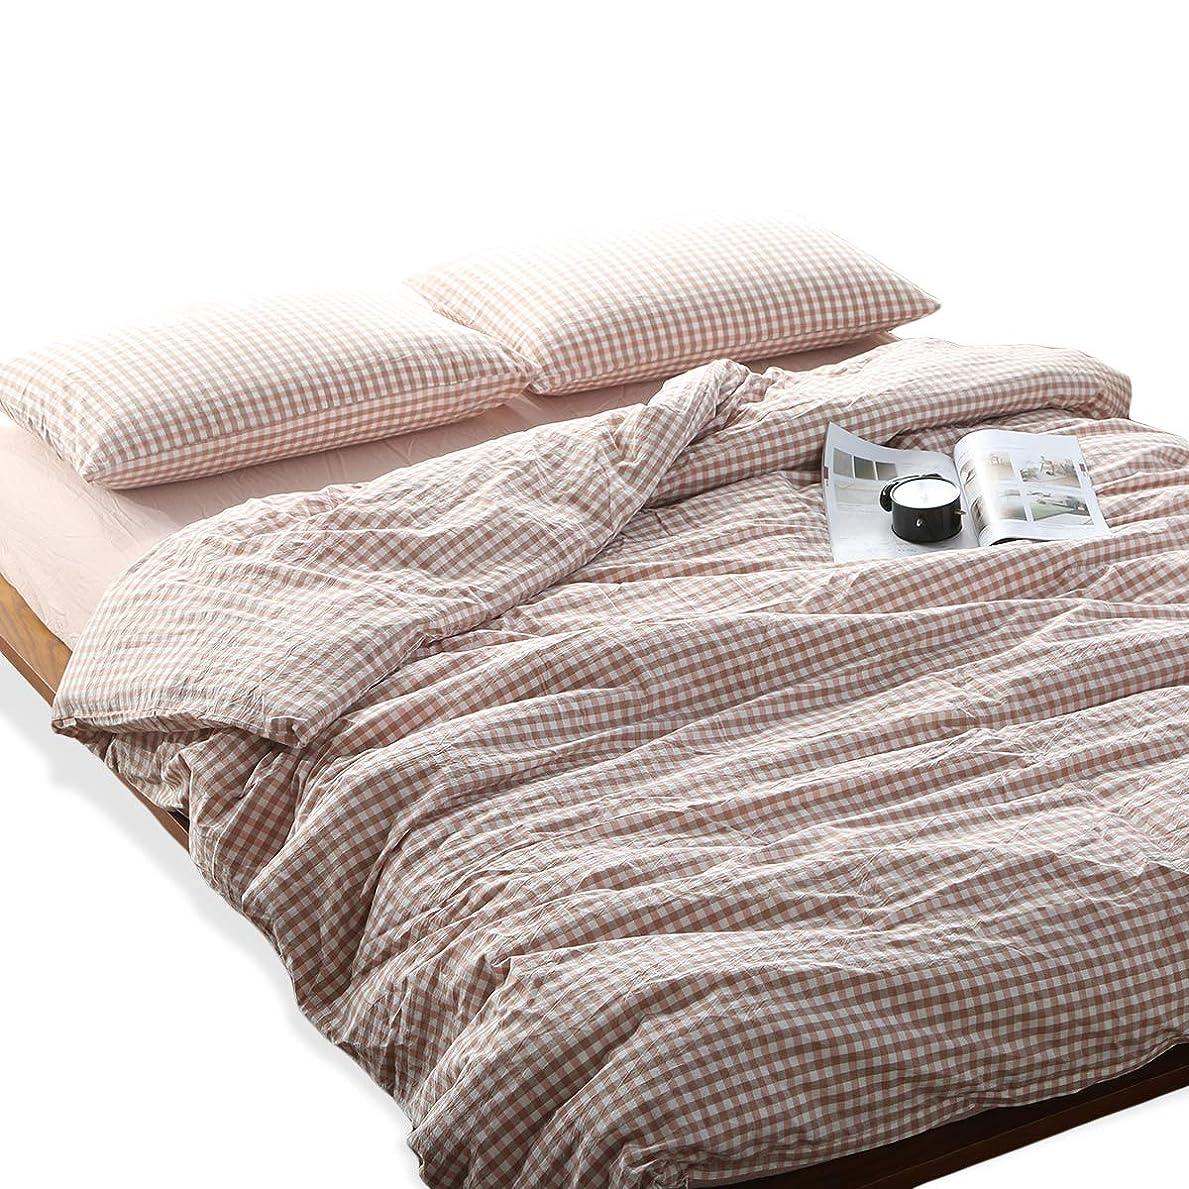 九テンション枯渇するFashion·LIFE 掛ふとんカバー ボックスシーツ ピーロカバー 100%綿 和式4点セット チェック小柄 寝具カバーセット ベッド用 封筒式 通気性 四季適用 シンプル 高級感 YKKファスナー キング